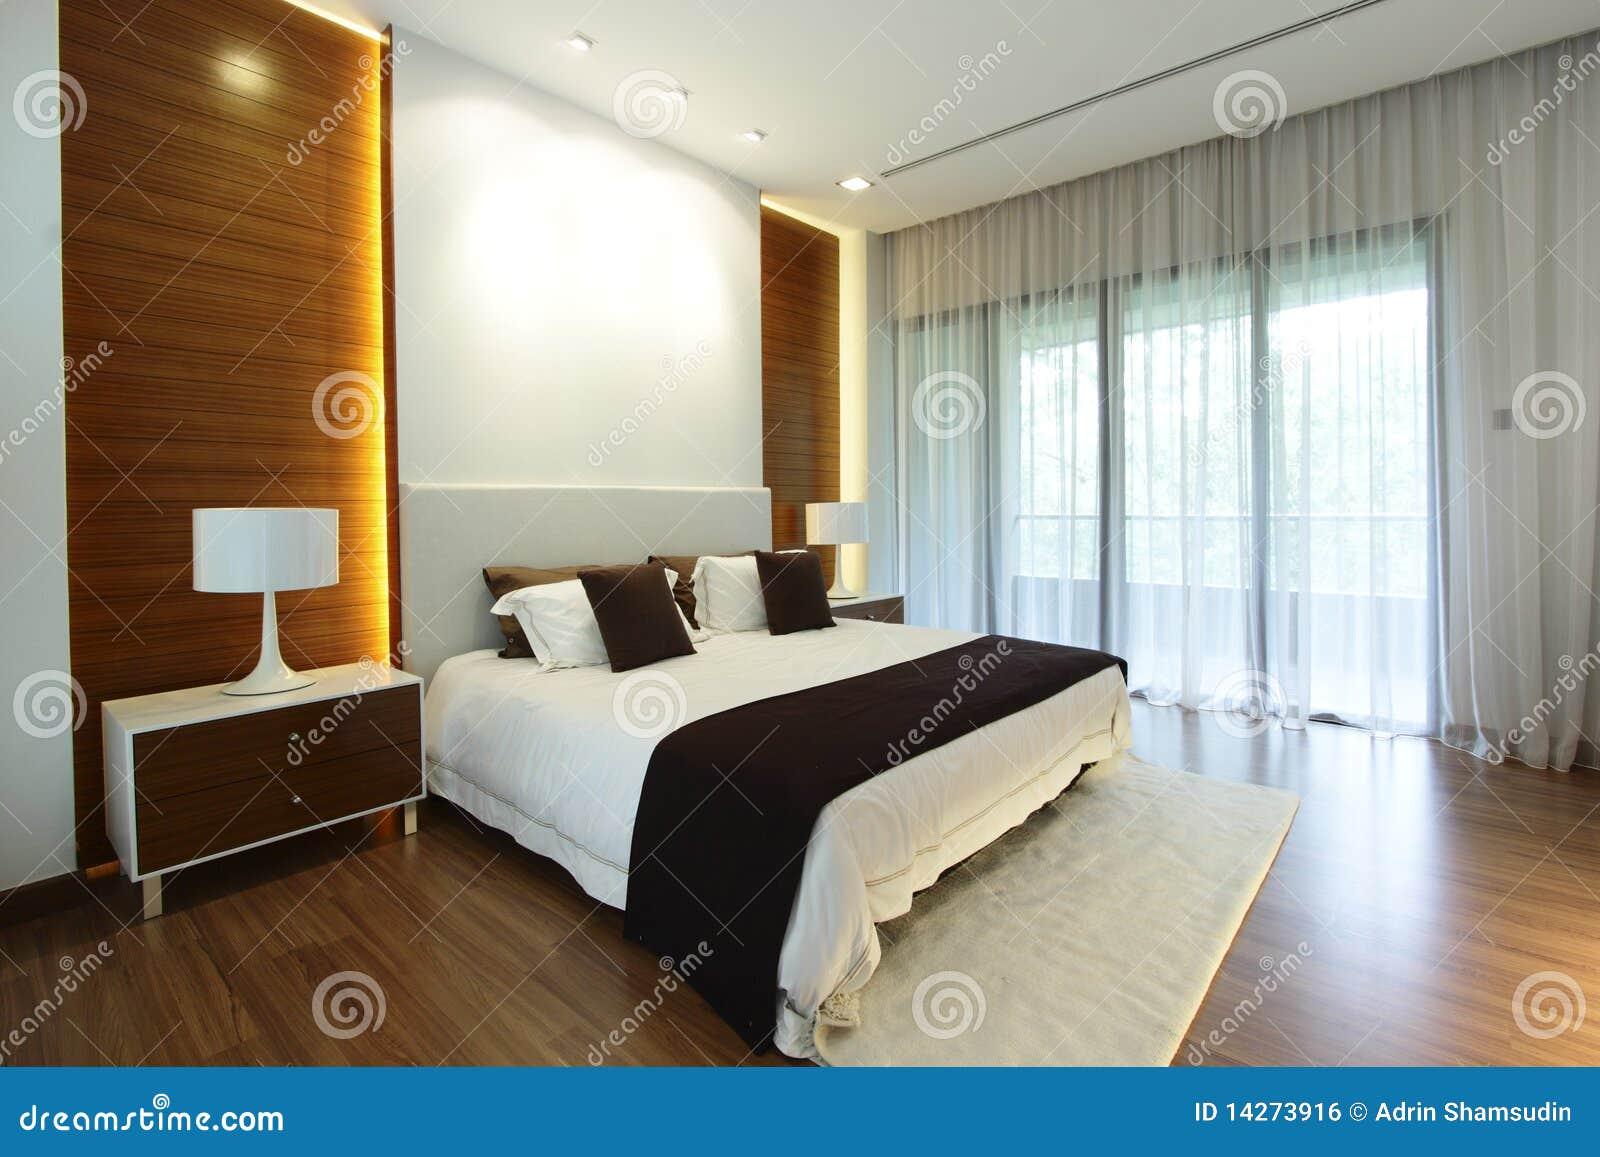 Modernes Schlafzimmer stockfoto. Bild von modern, kissen - 14273916